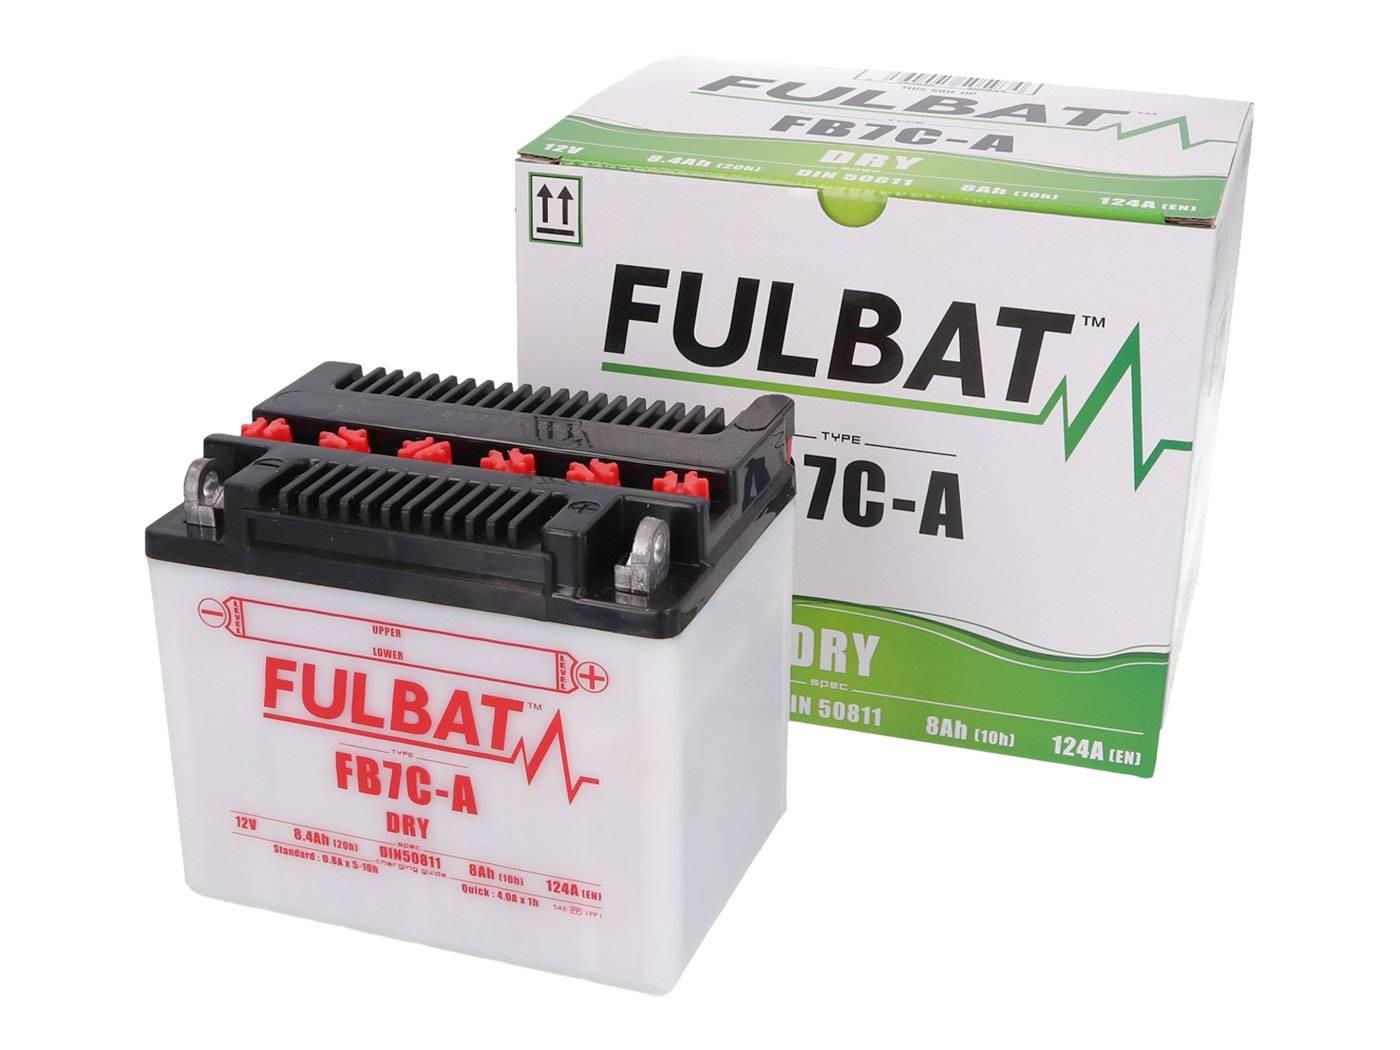 Fulbat FB7C-A DRY száraz akkumulátor + savcsomag